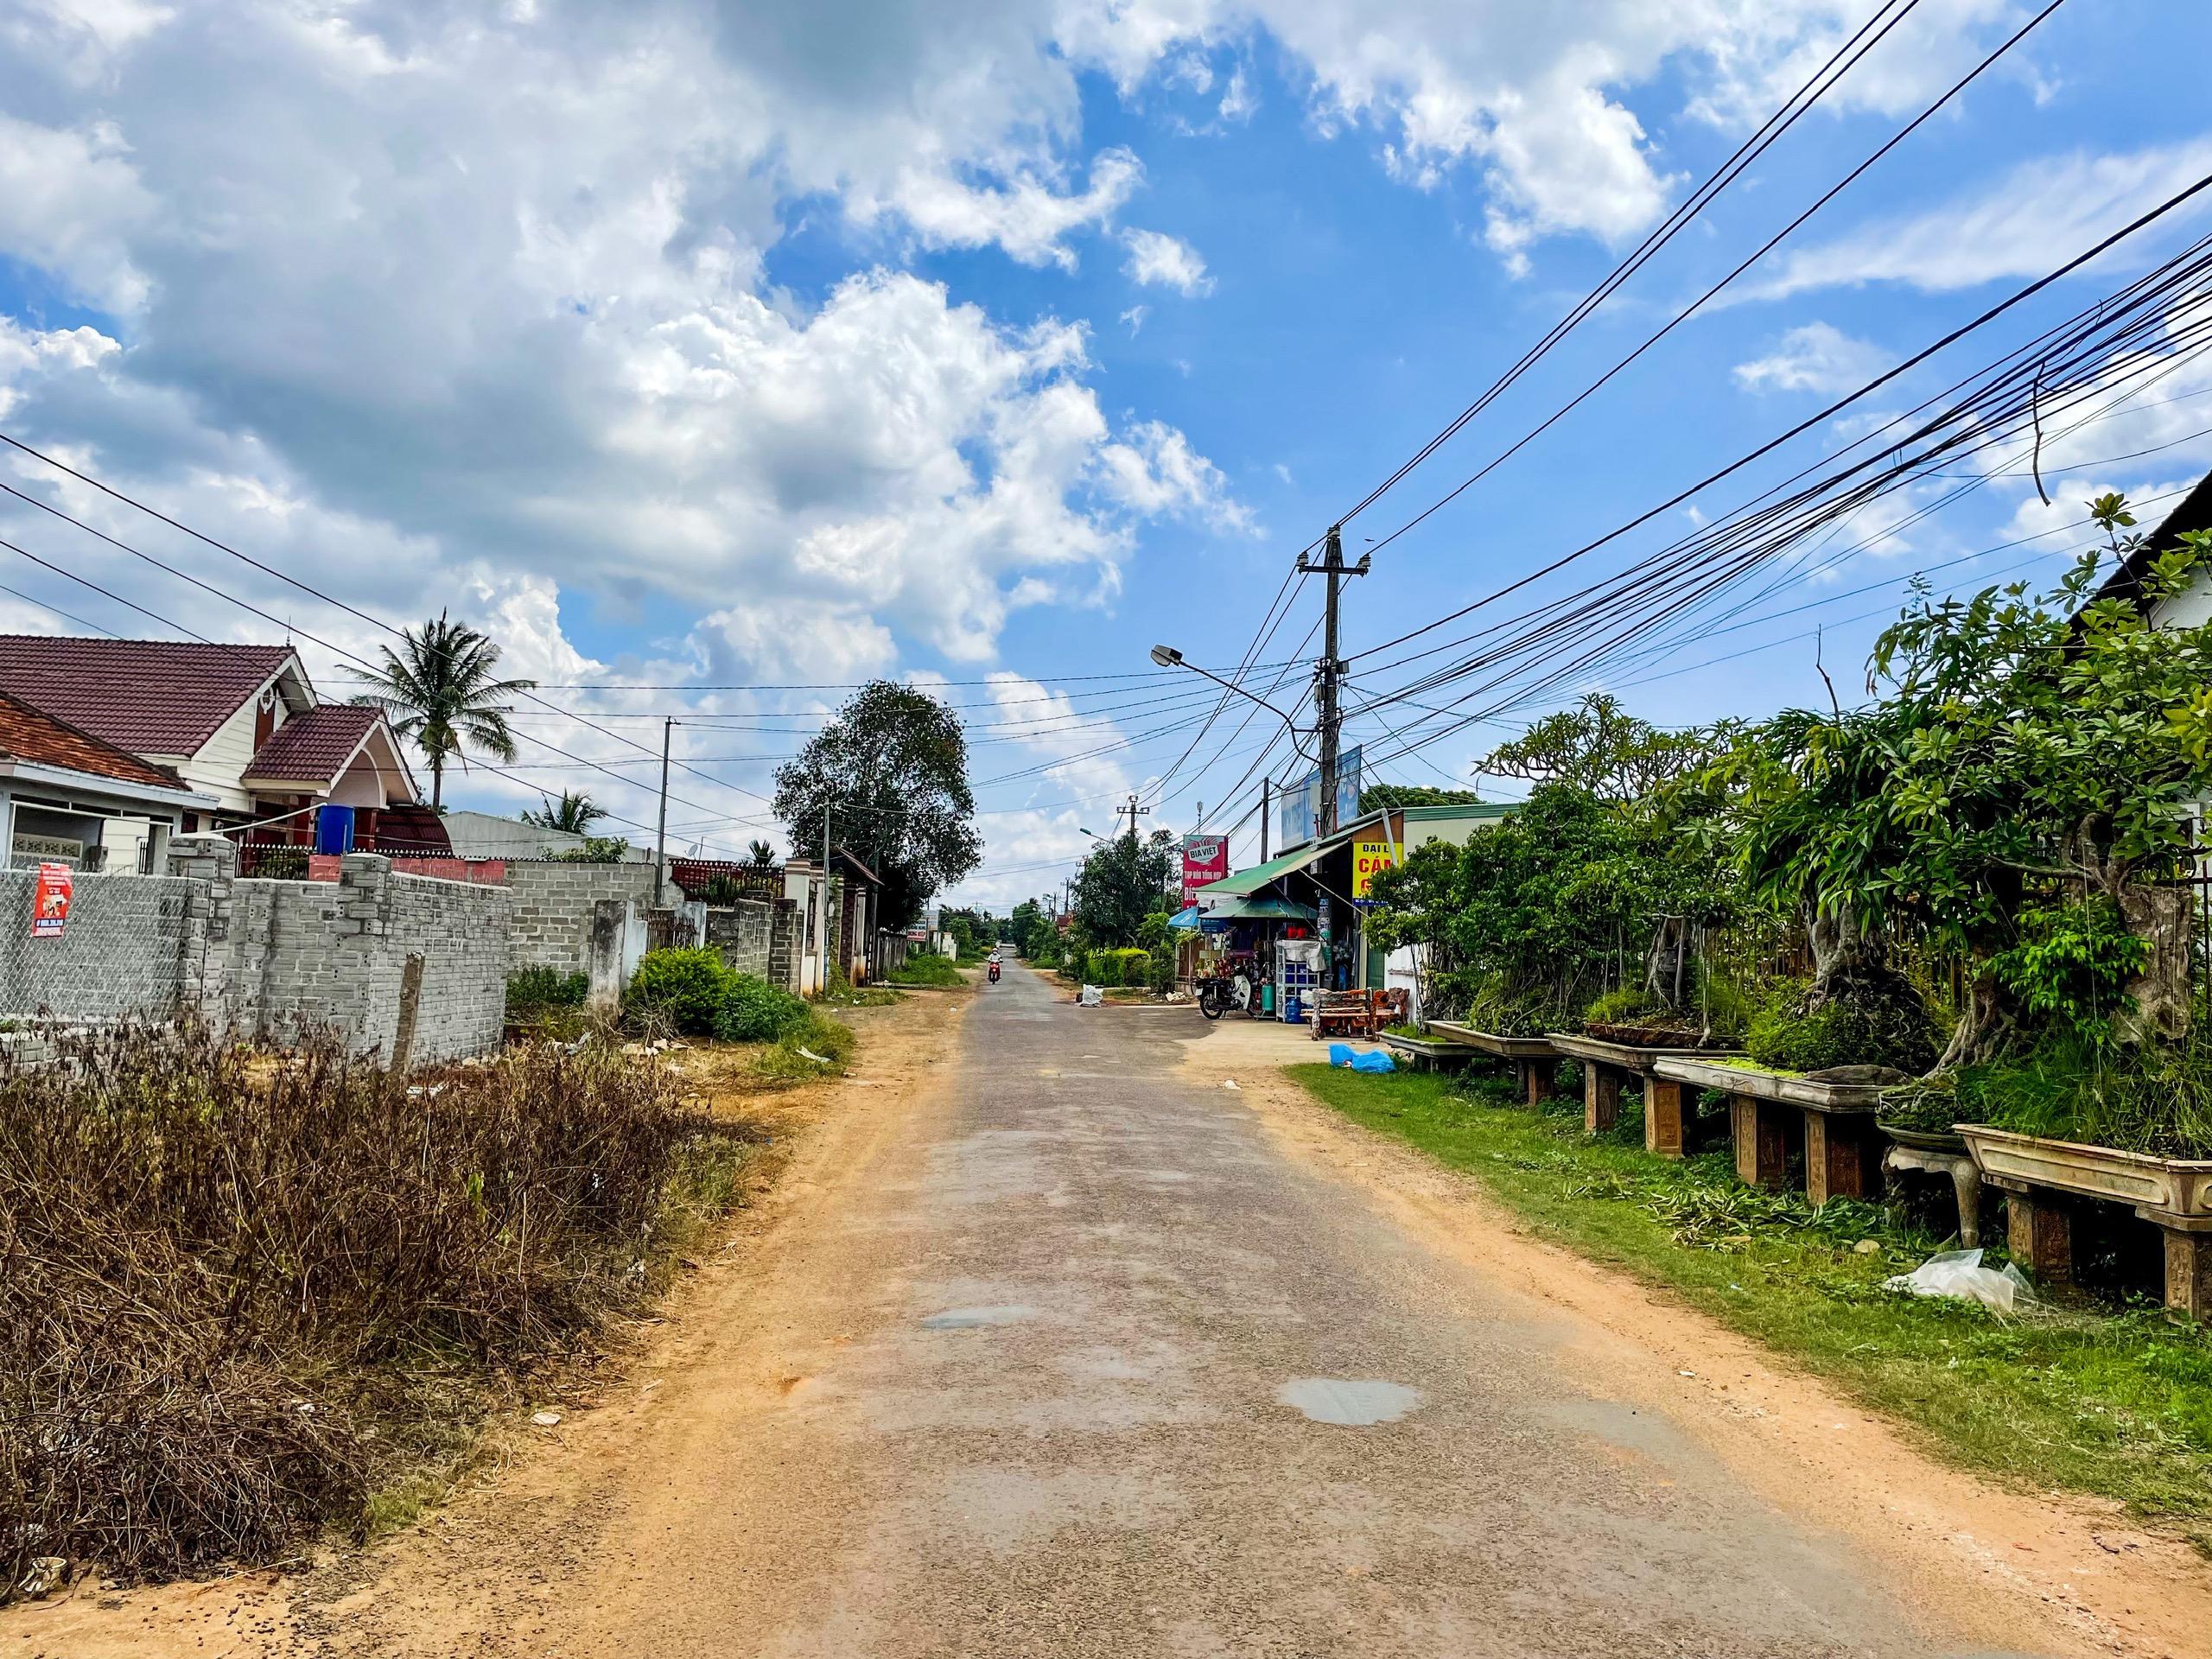 Bán đất thổ cư phường Yên Thế - Pleiku